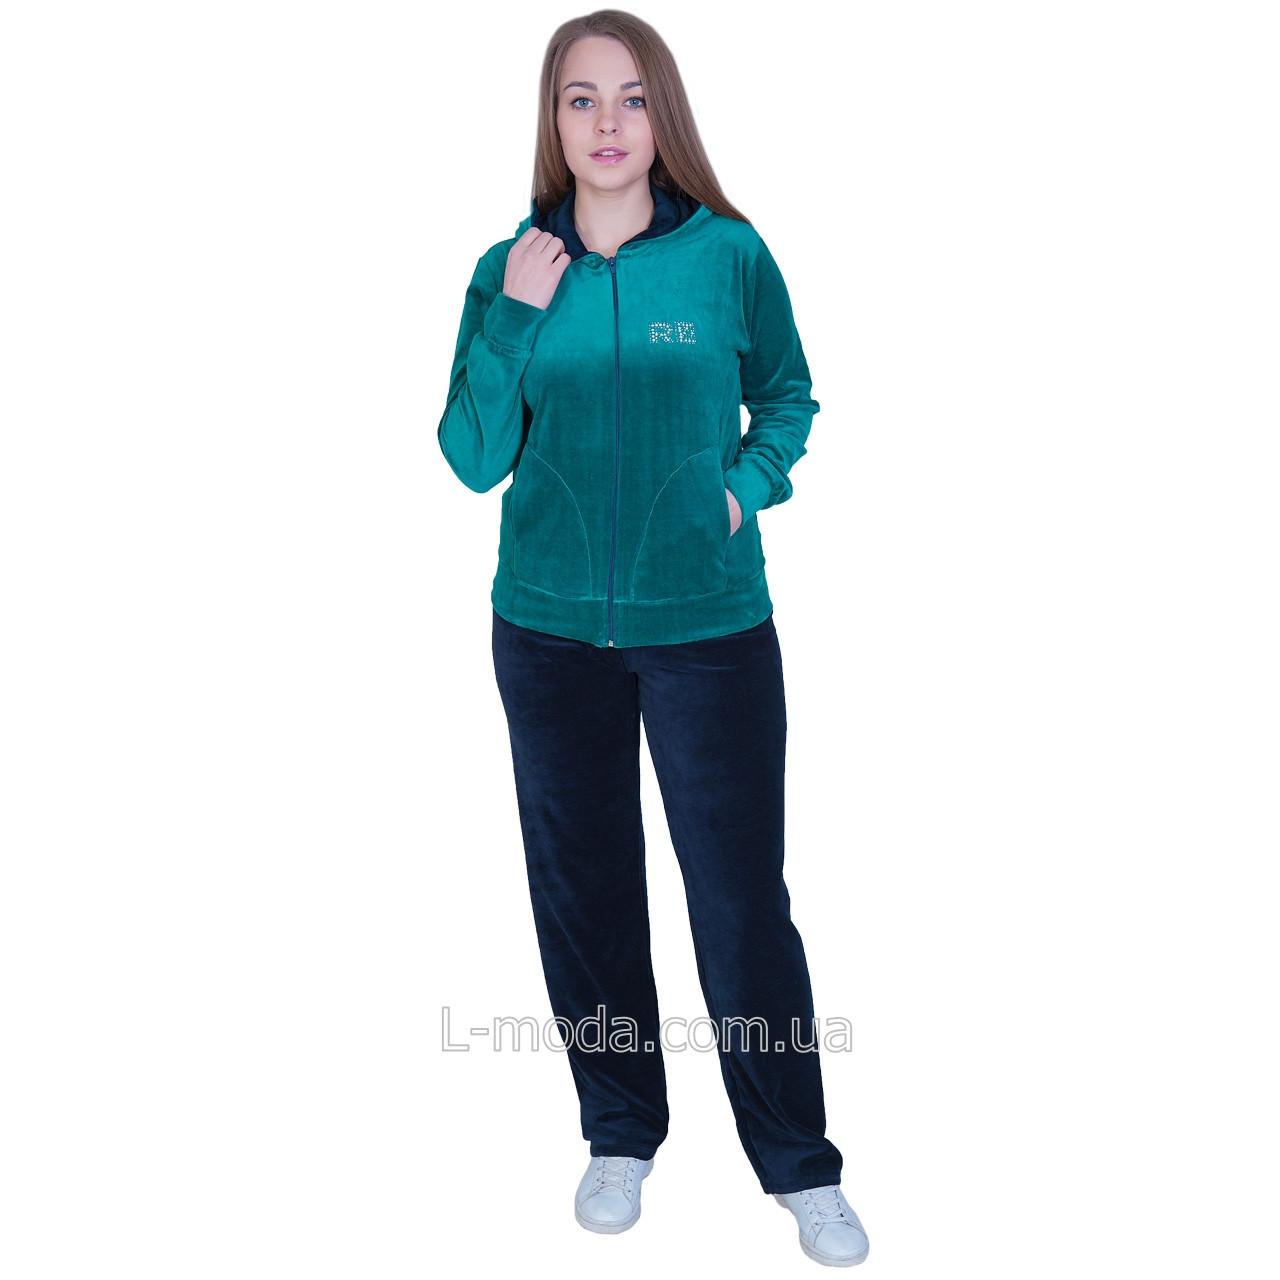 Спортивный костюм женский велюровый с капюшоном зеленый